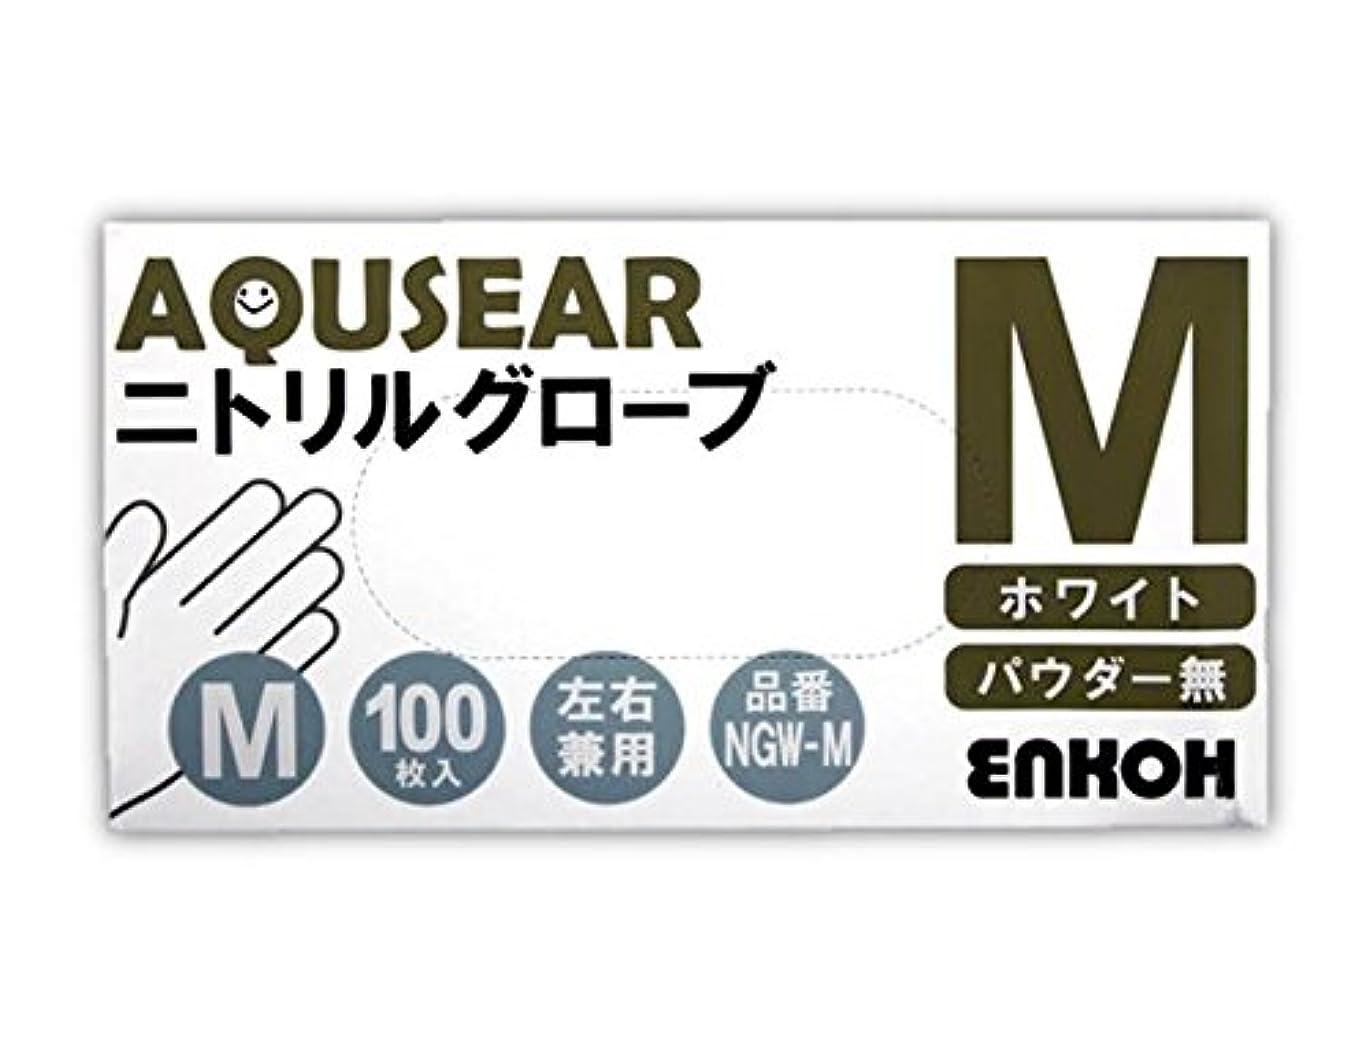 ウェイドパテ無効にするAQUSEAR ニトリルグローブ パウダー無 M ホワイト NGW-M 1箱100枚